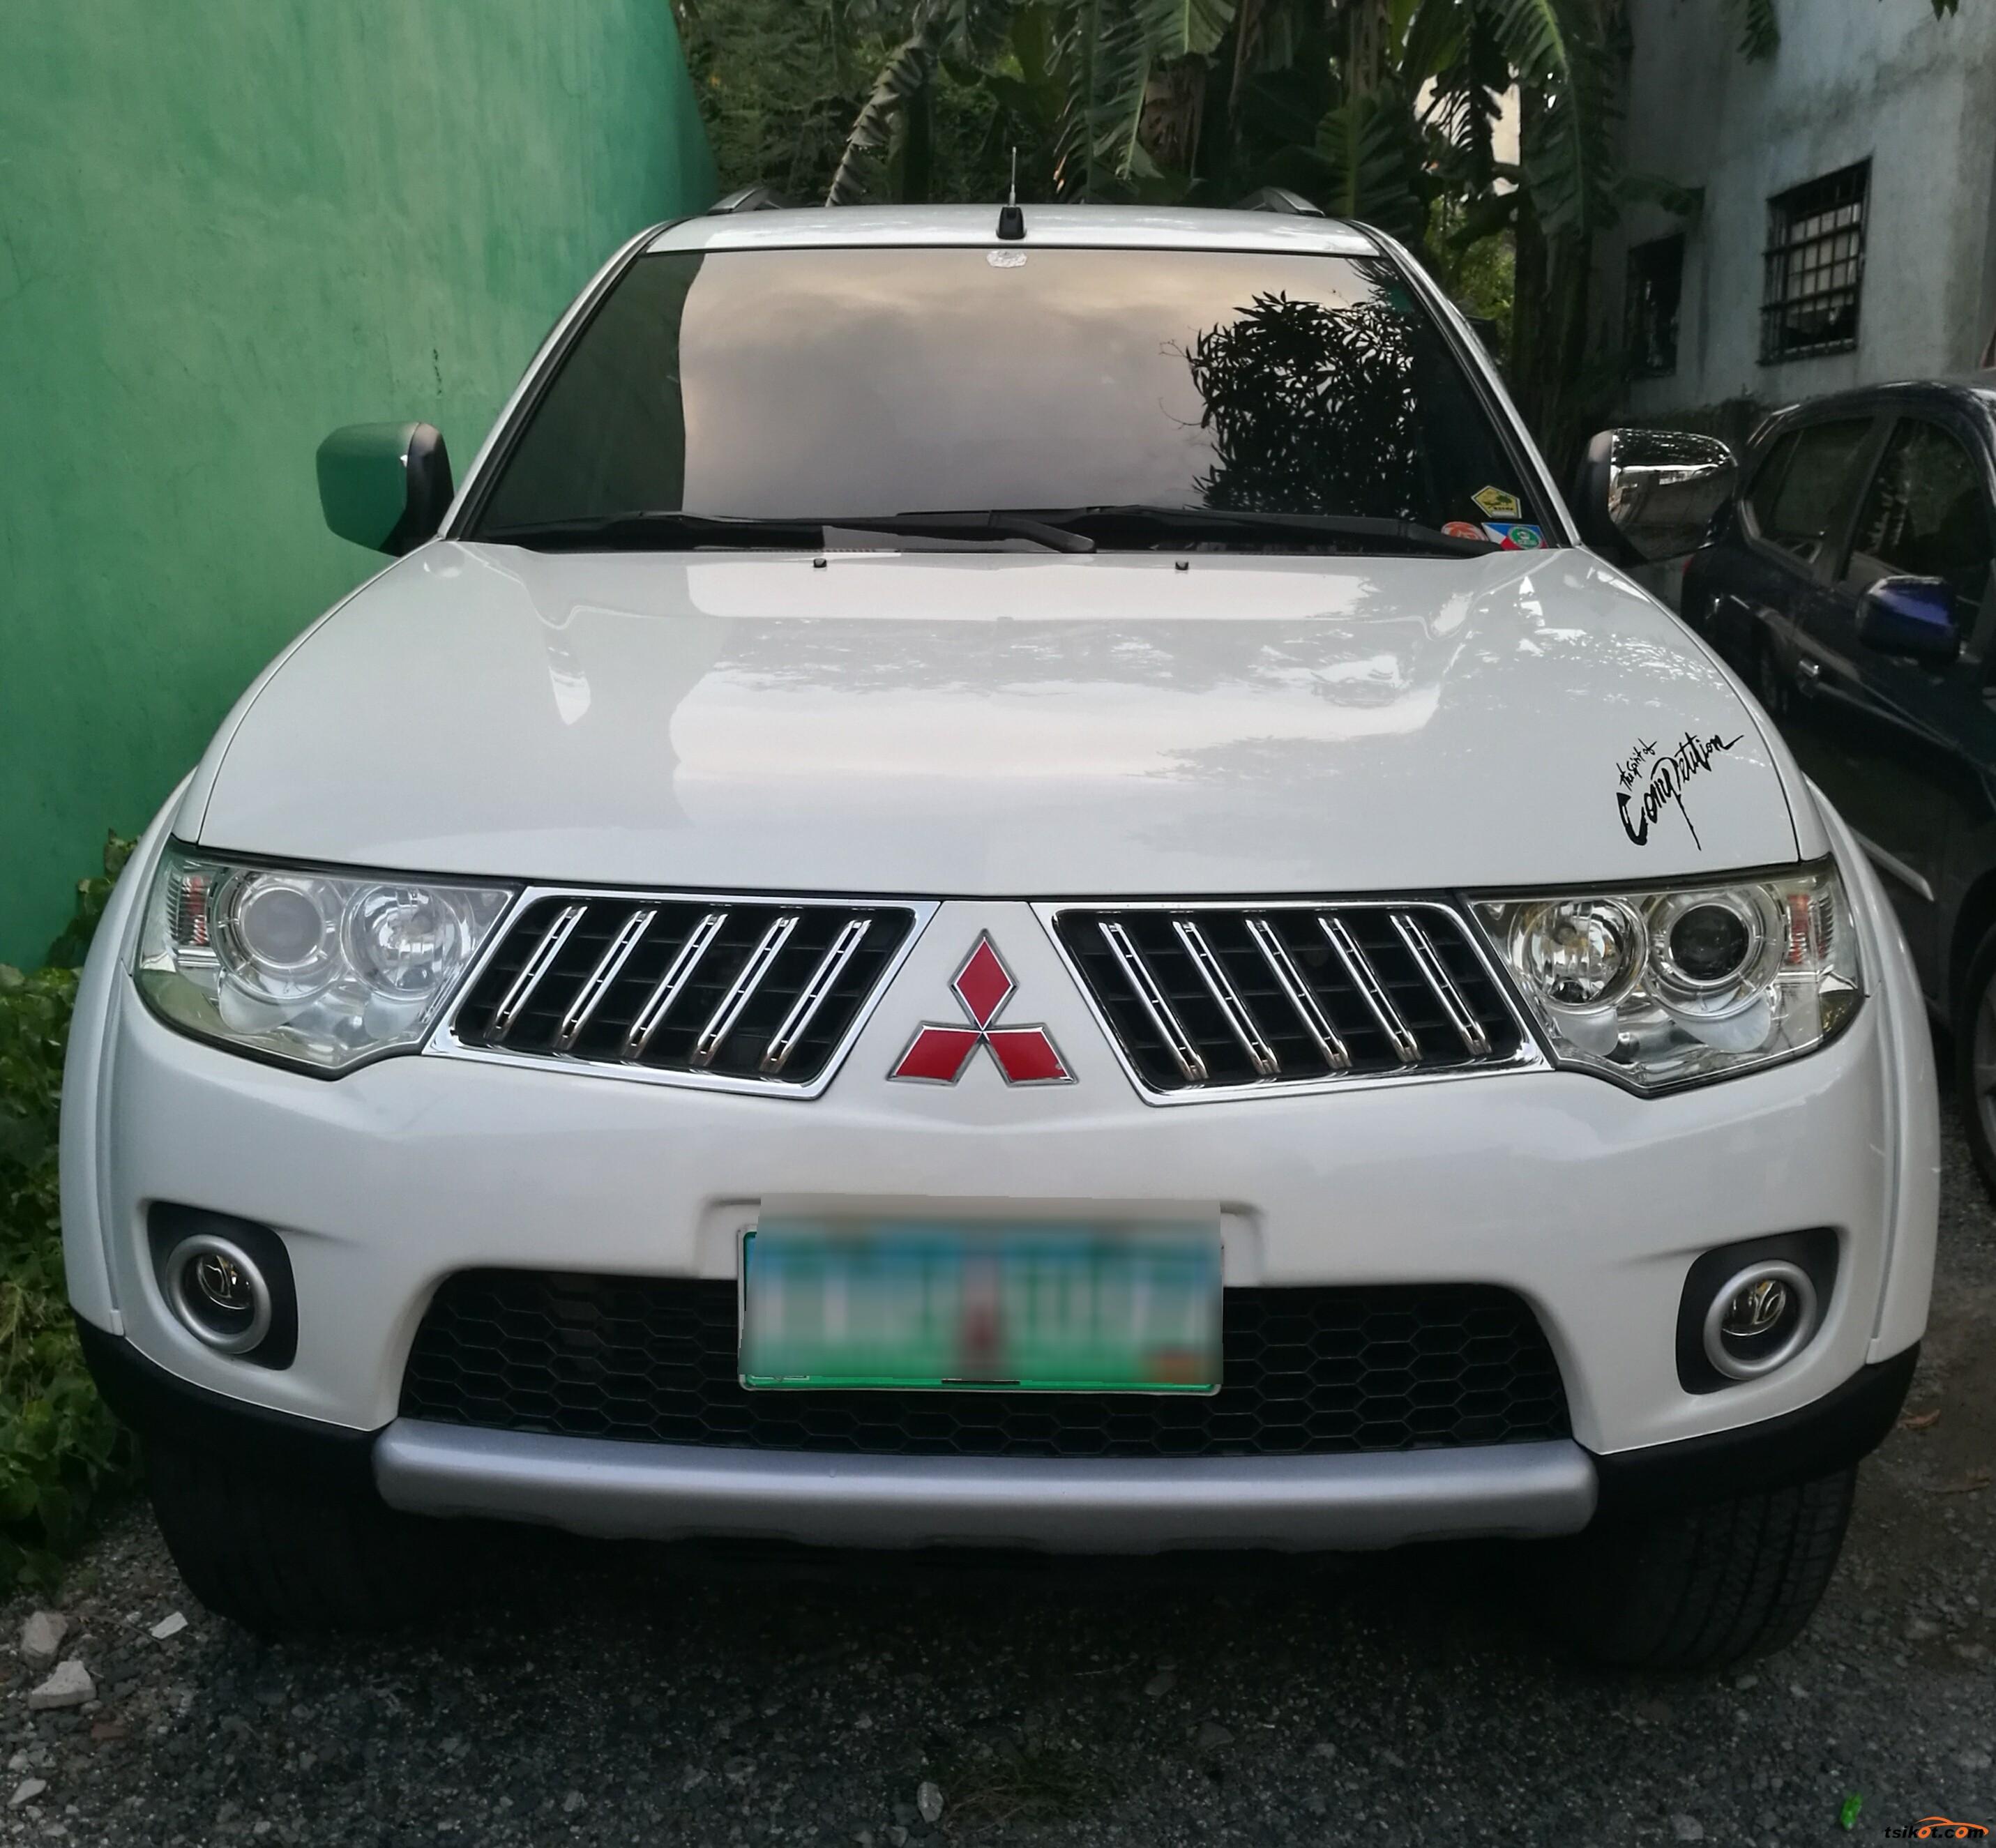 2006 Mitsubishi Montero For Sale: Car For Sale Metro Manila